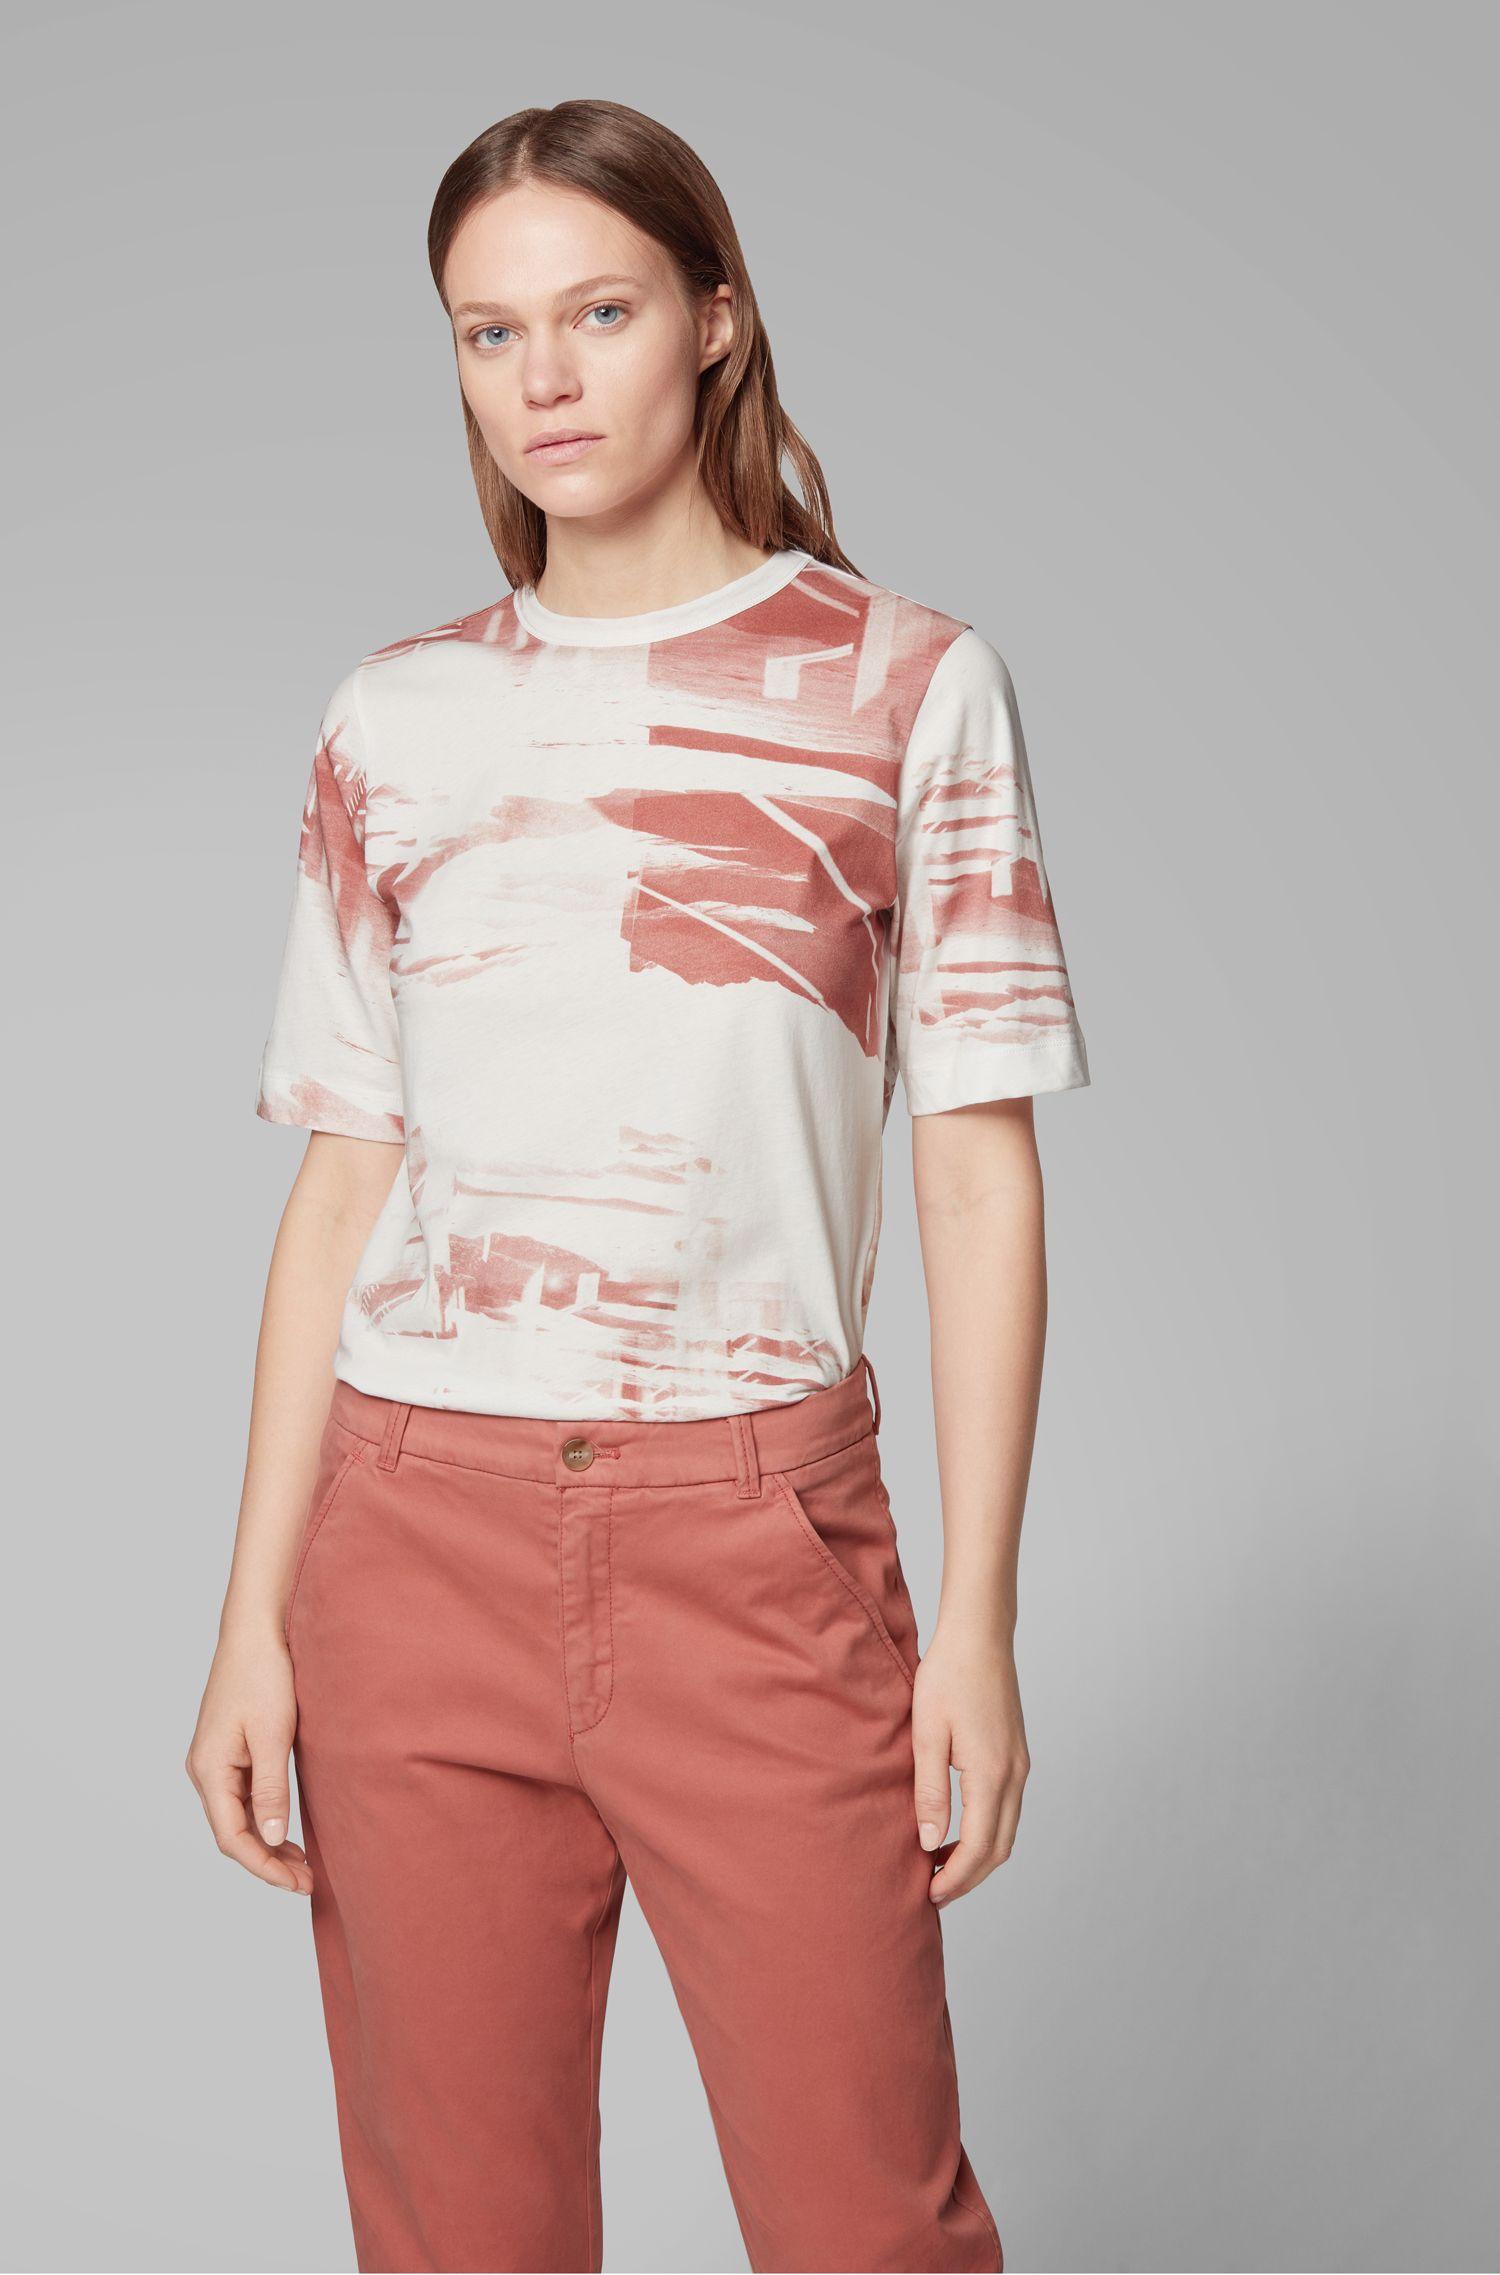 T-shirt Relaxed Fit en coton lavé, avec imprimé de la collection, Fantaisie